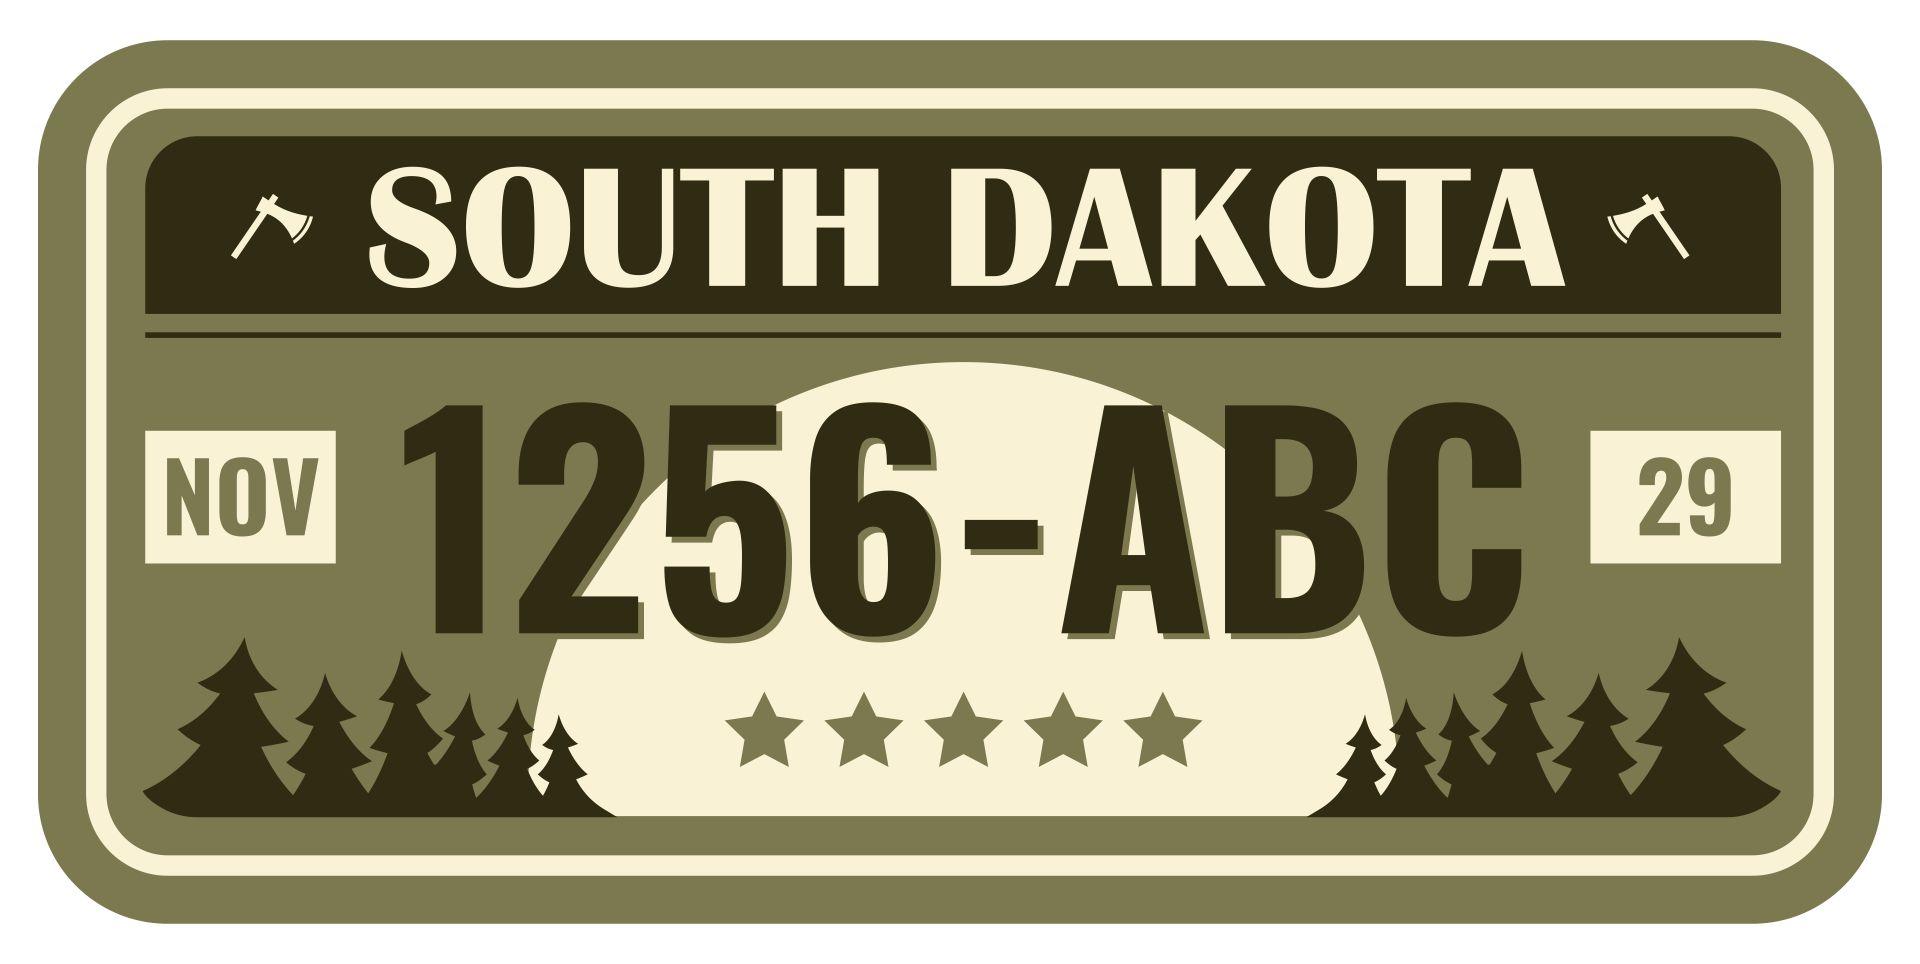 Printable Temporary License Plate South Dakota